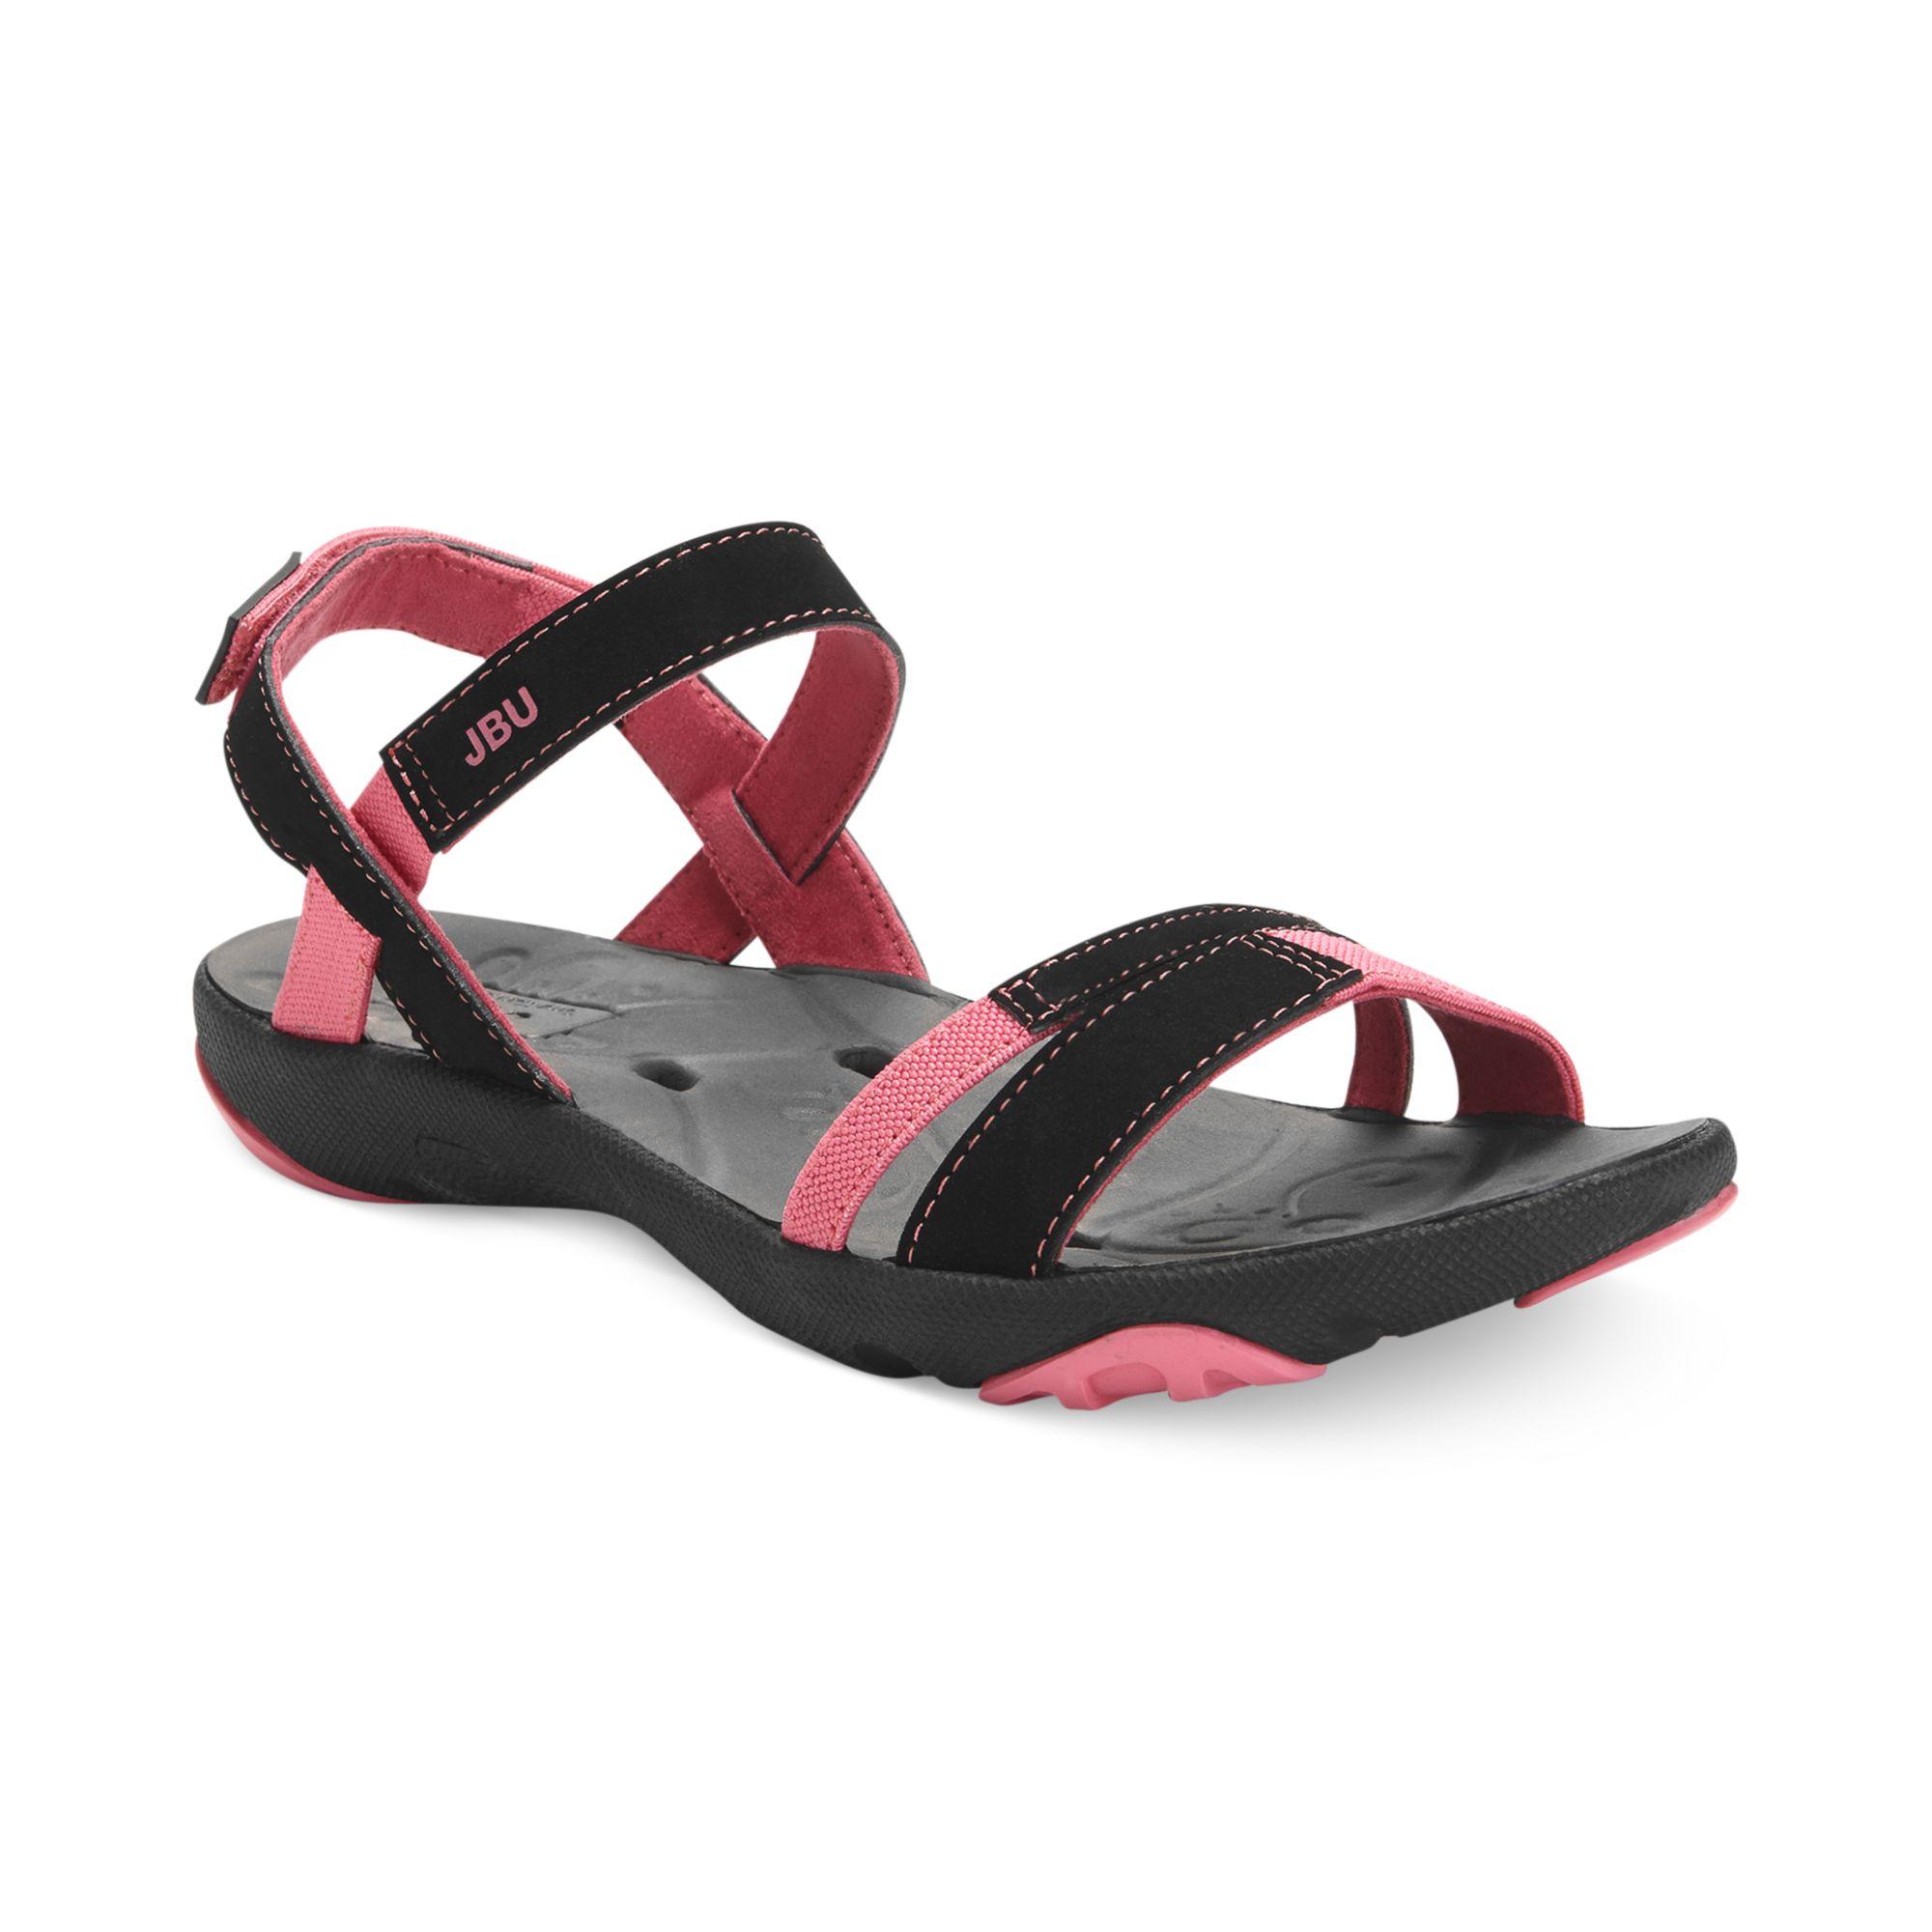 Cyclone Women S Shoes